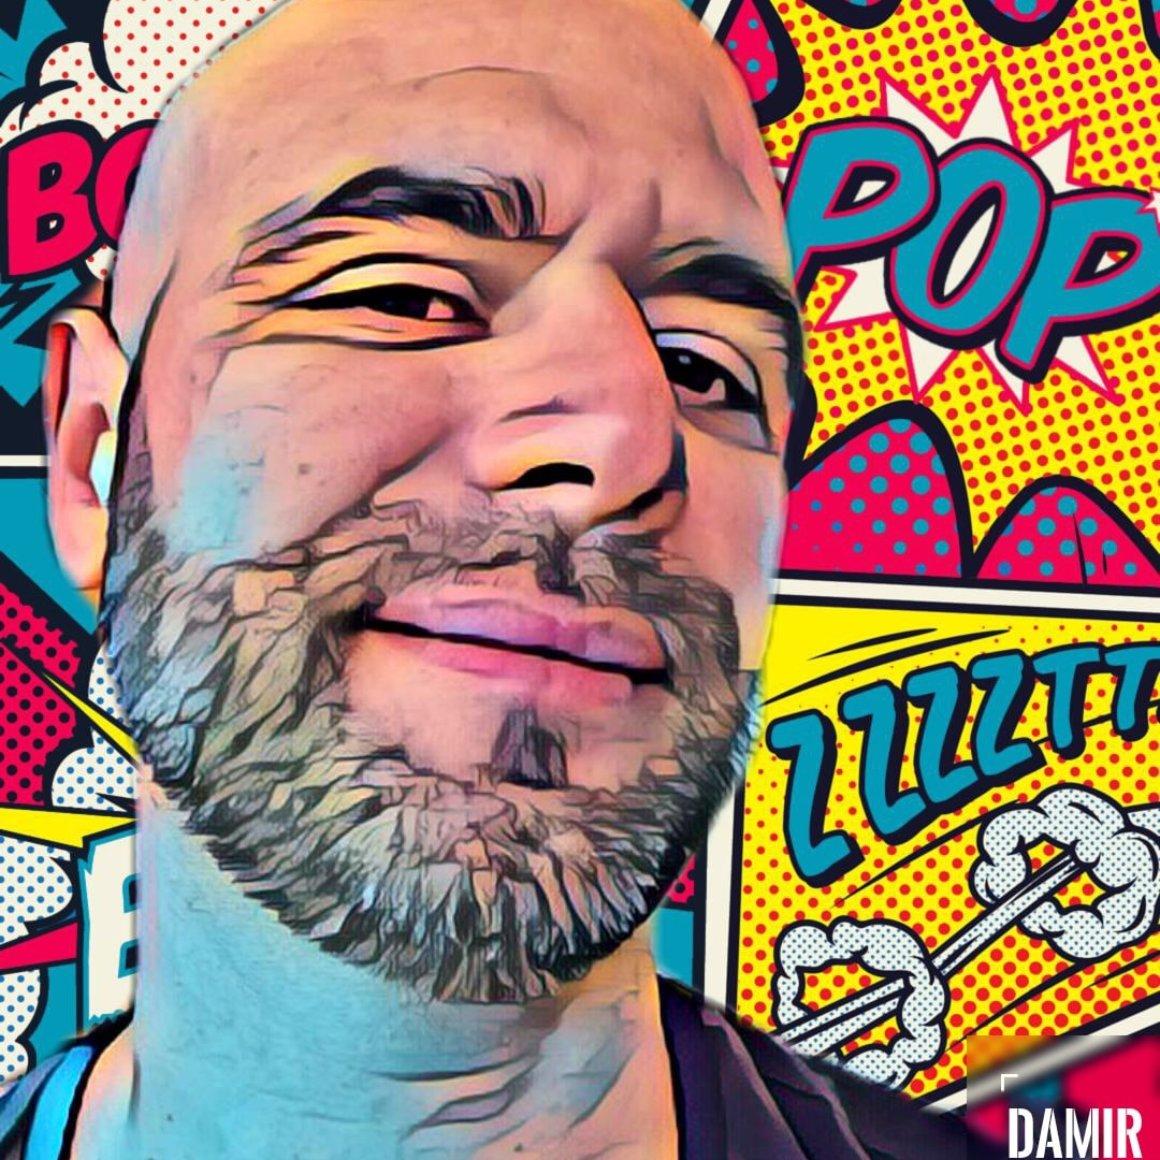 Damir _Ibiza Digital Agency